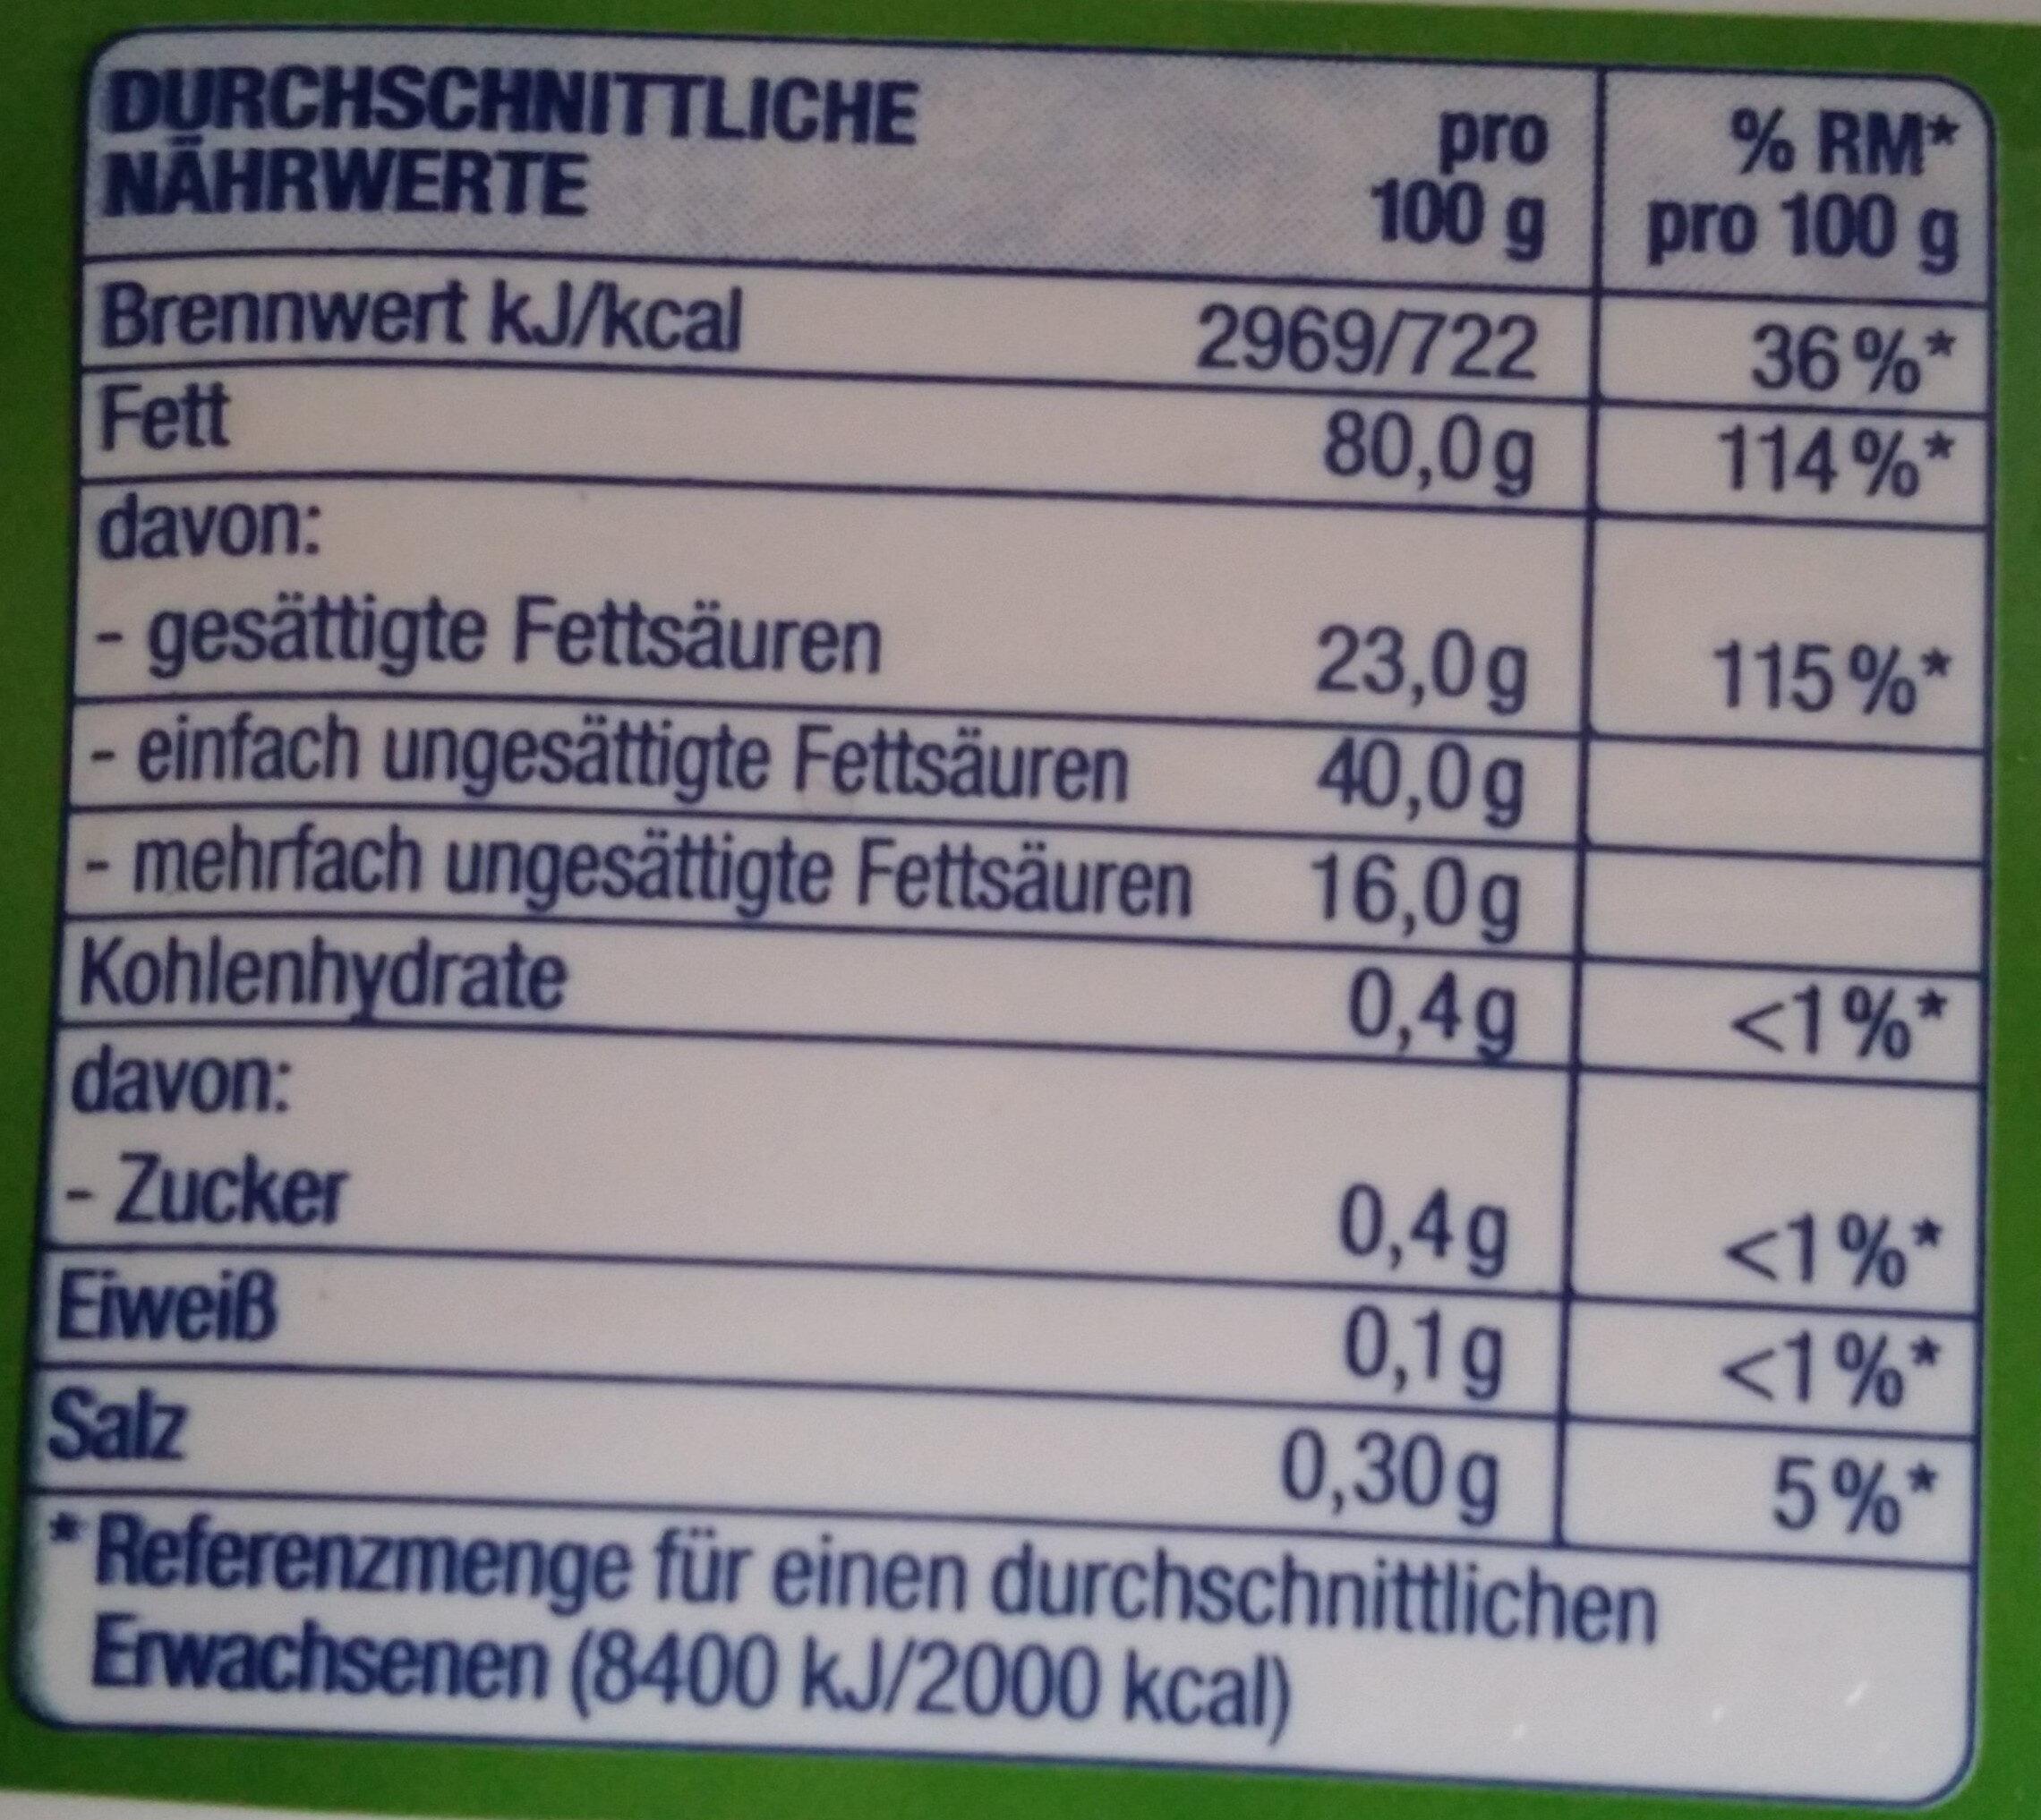 Pflanzen Margarine - Nutrition facts - de